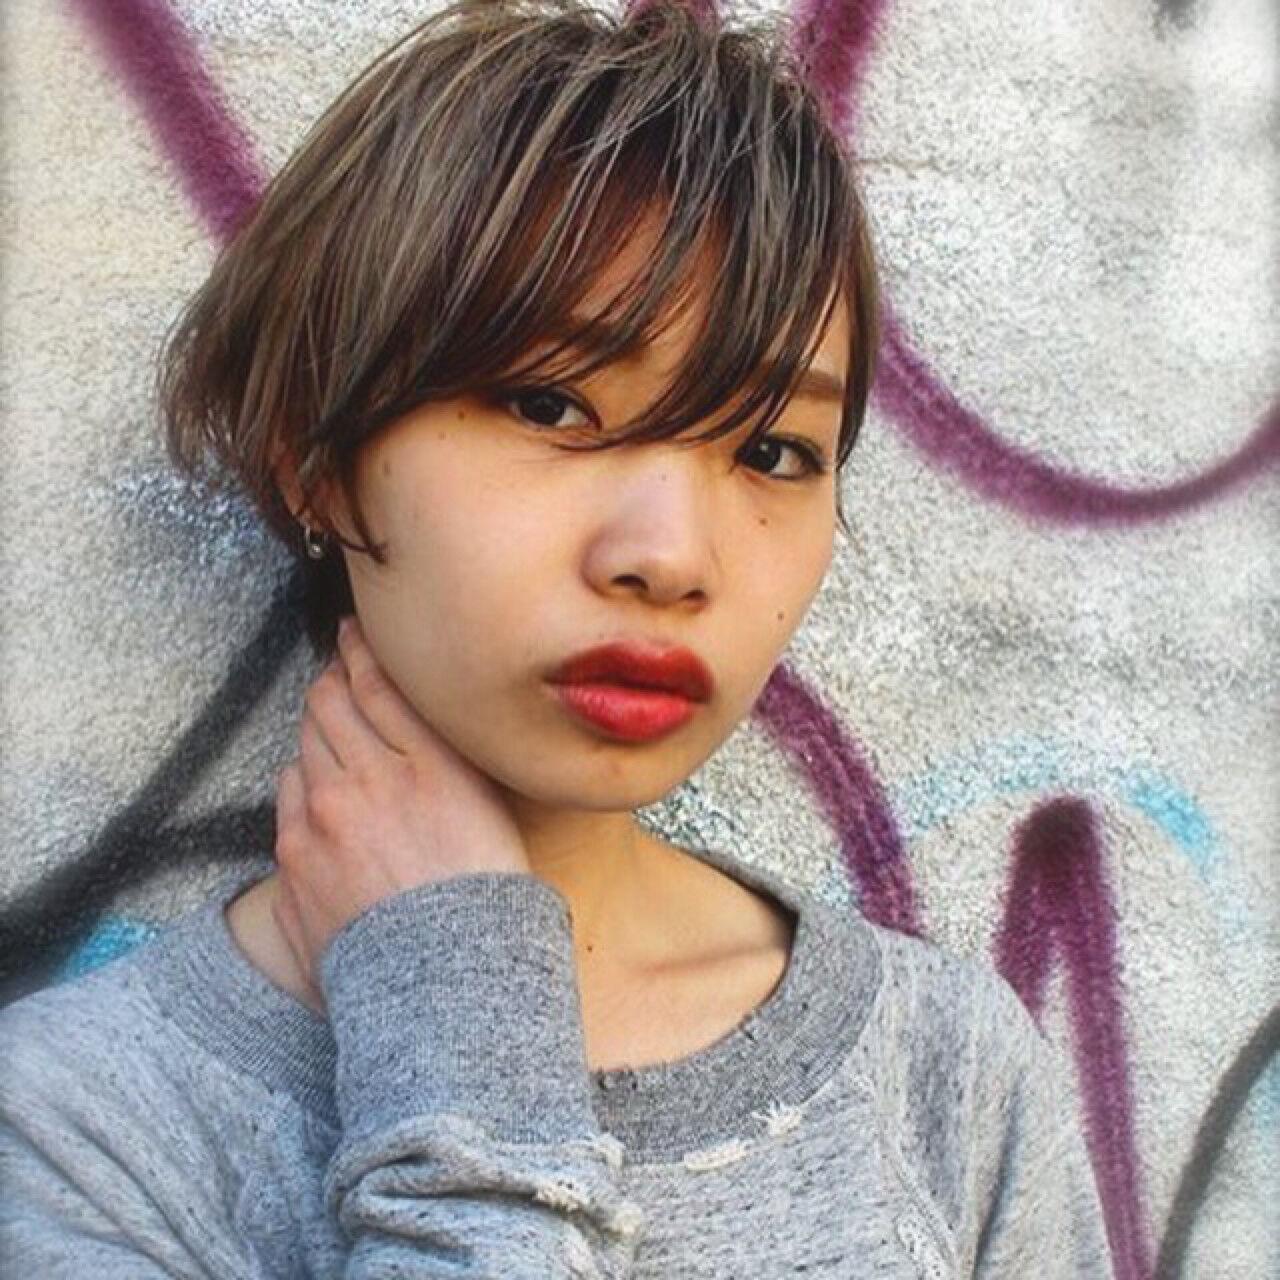 アッシュ ハイライト 外国人風 暗髪ヘアスタイルや髪型の写真・画像